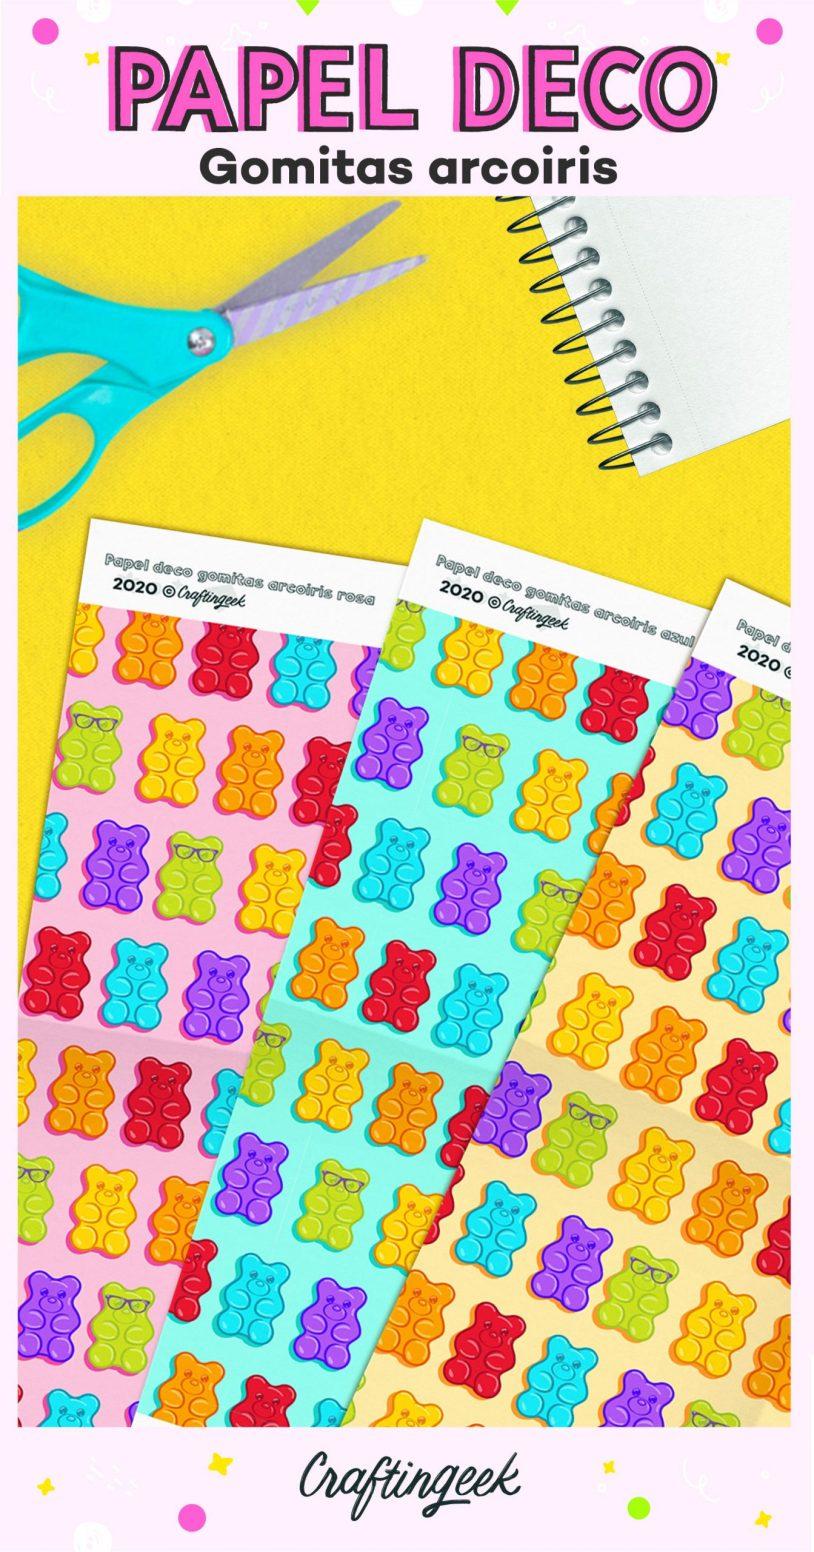 Papel decorado craftingeek de gomitas coloridas